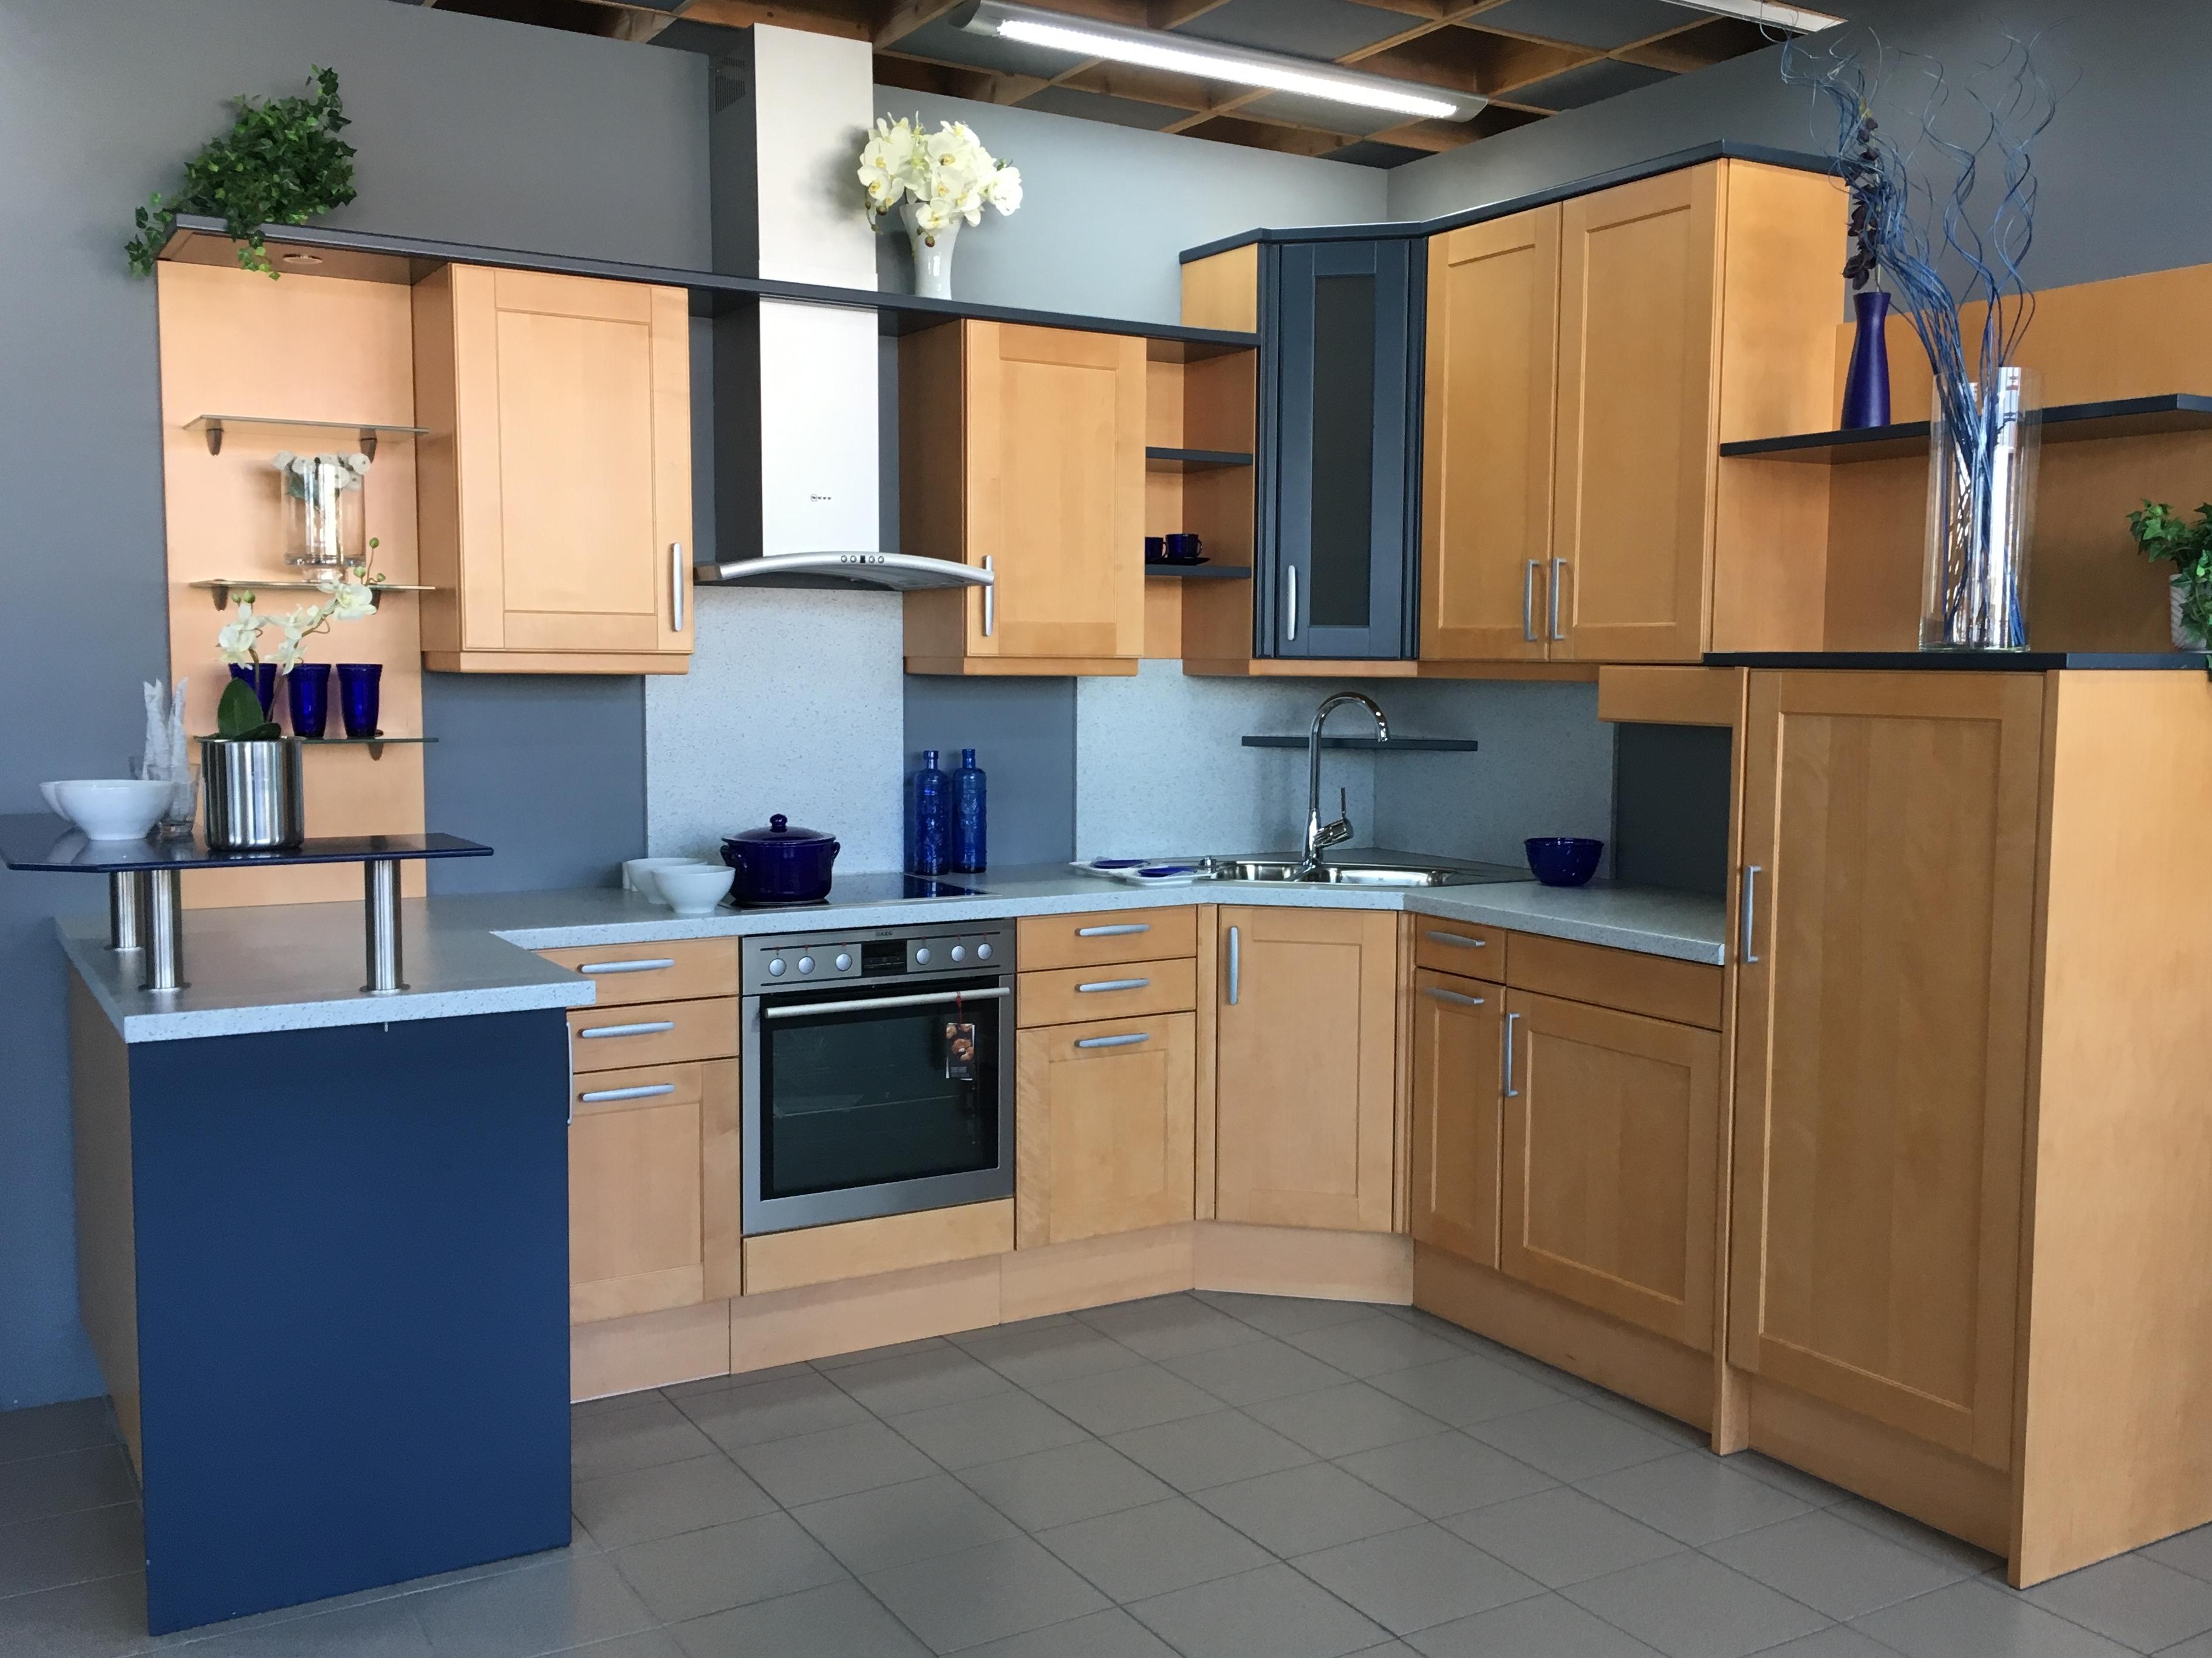 Abverkaufsküchen wien  Abverkauf - Küchen-City-Süd